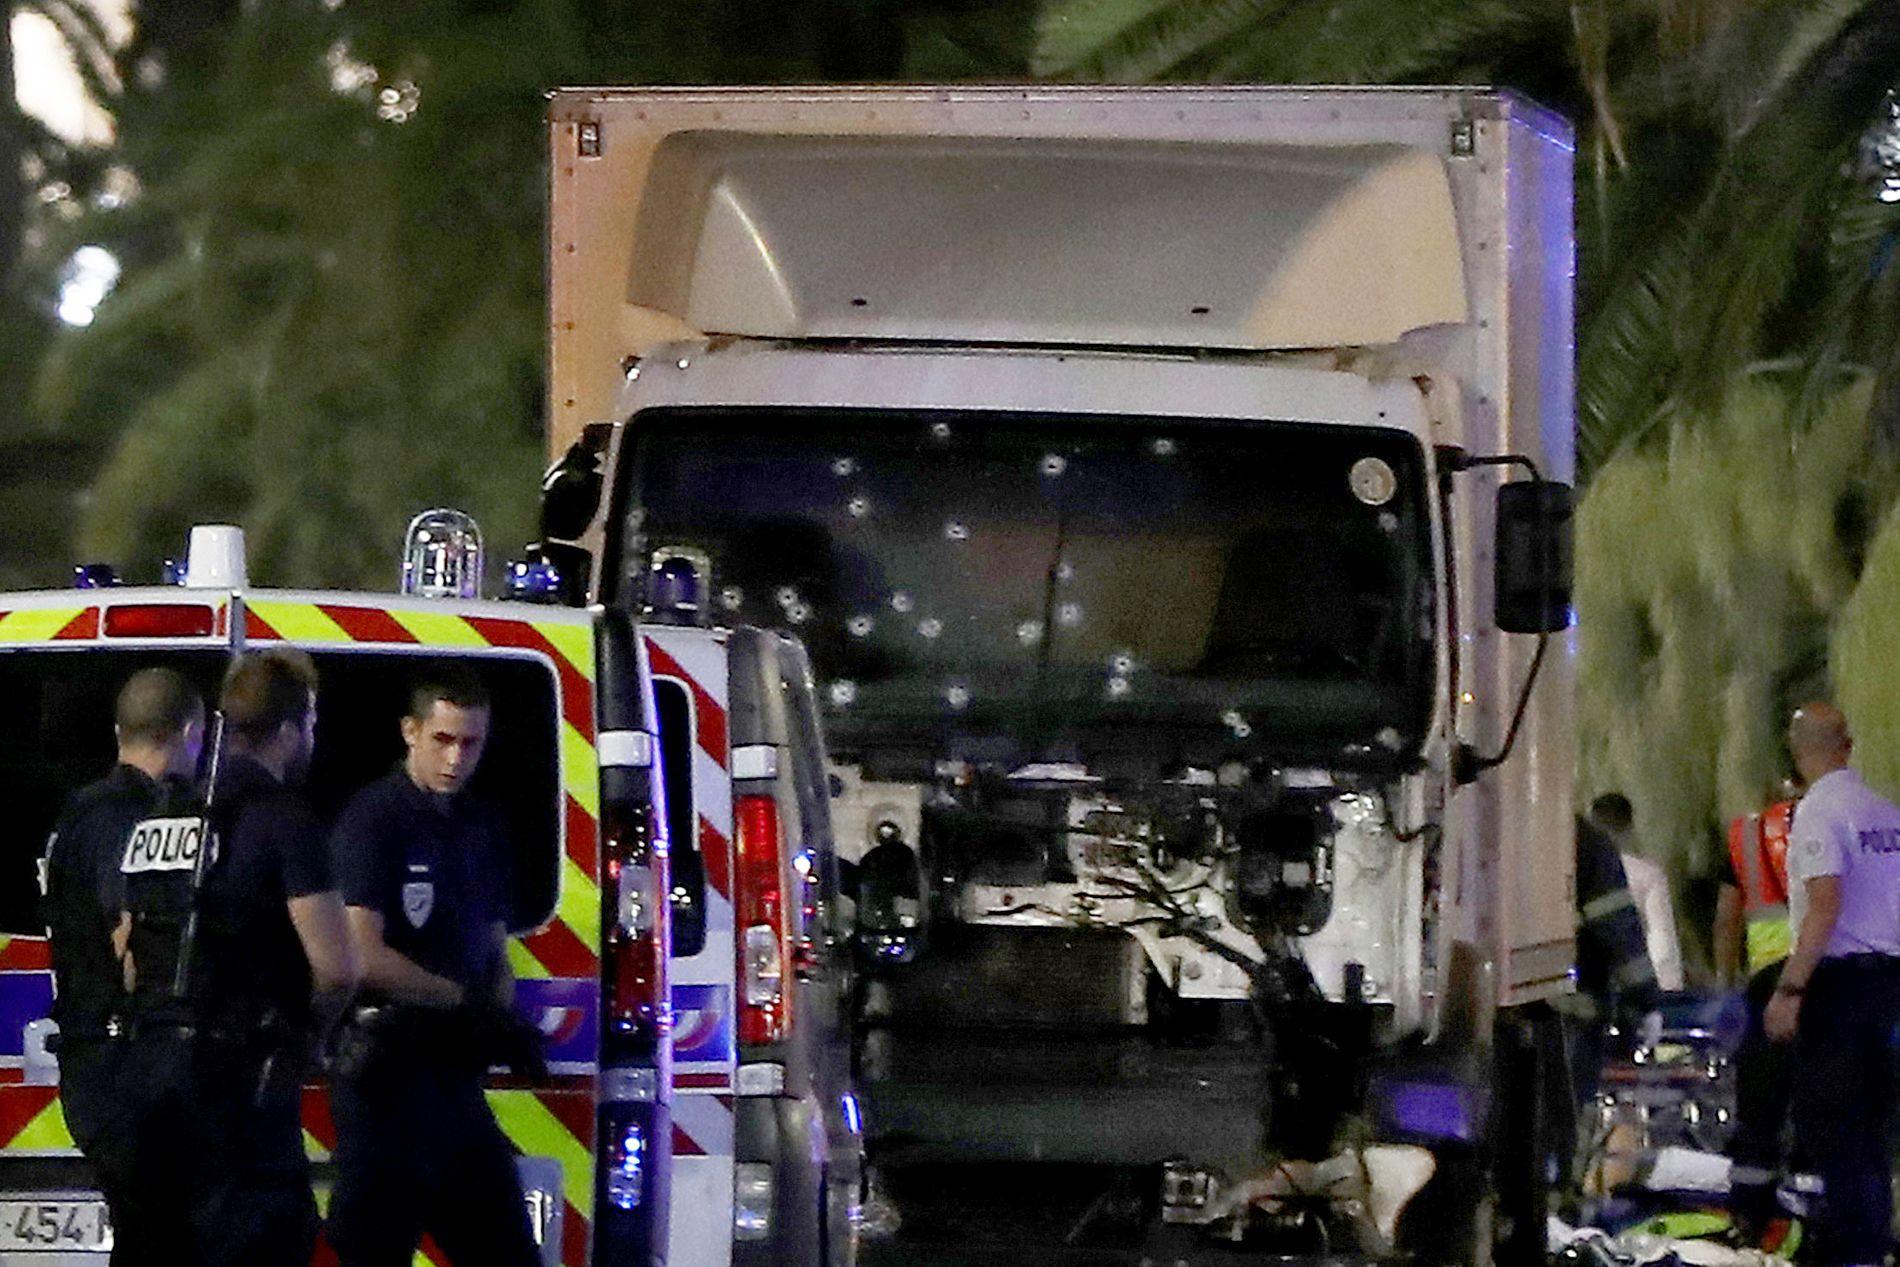 FLERE HULL I LASTEBILEN: Politiet står ved lastebilen som kjørte inn i en folkemengde langs strandpromenaden i Nice torsdag kveld. Vinduet foran er dekket med skuddhull.